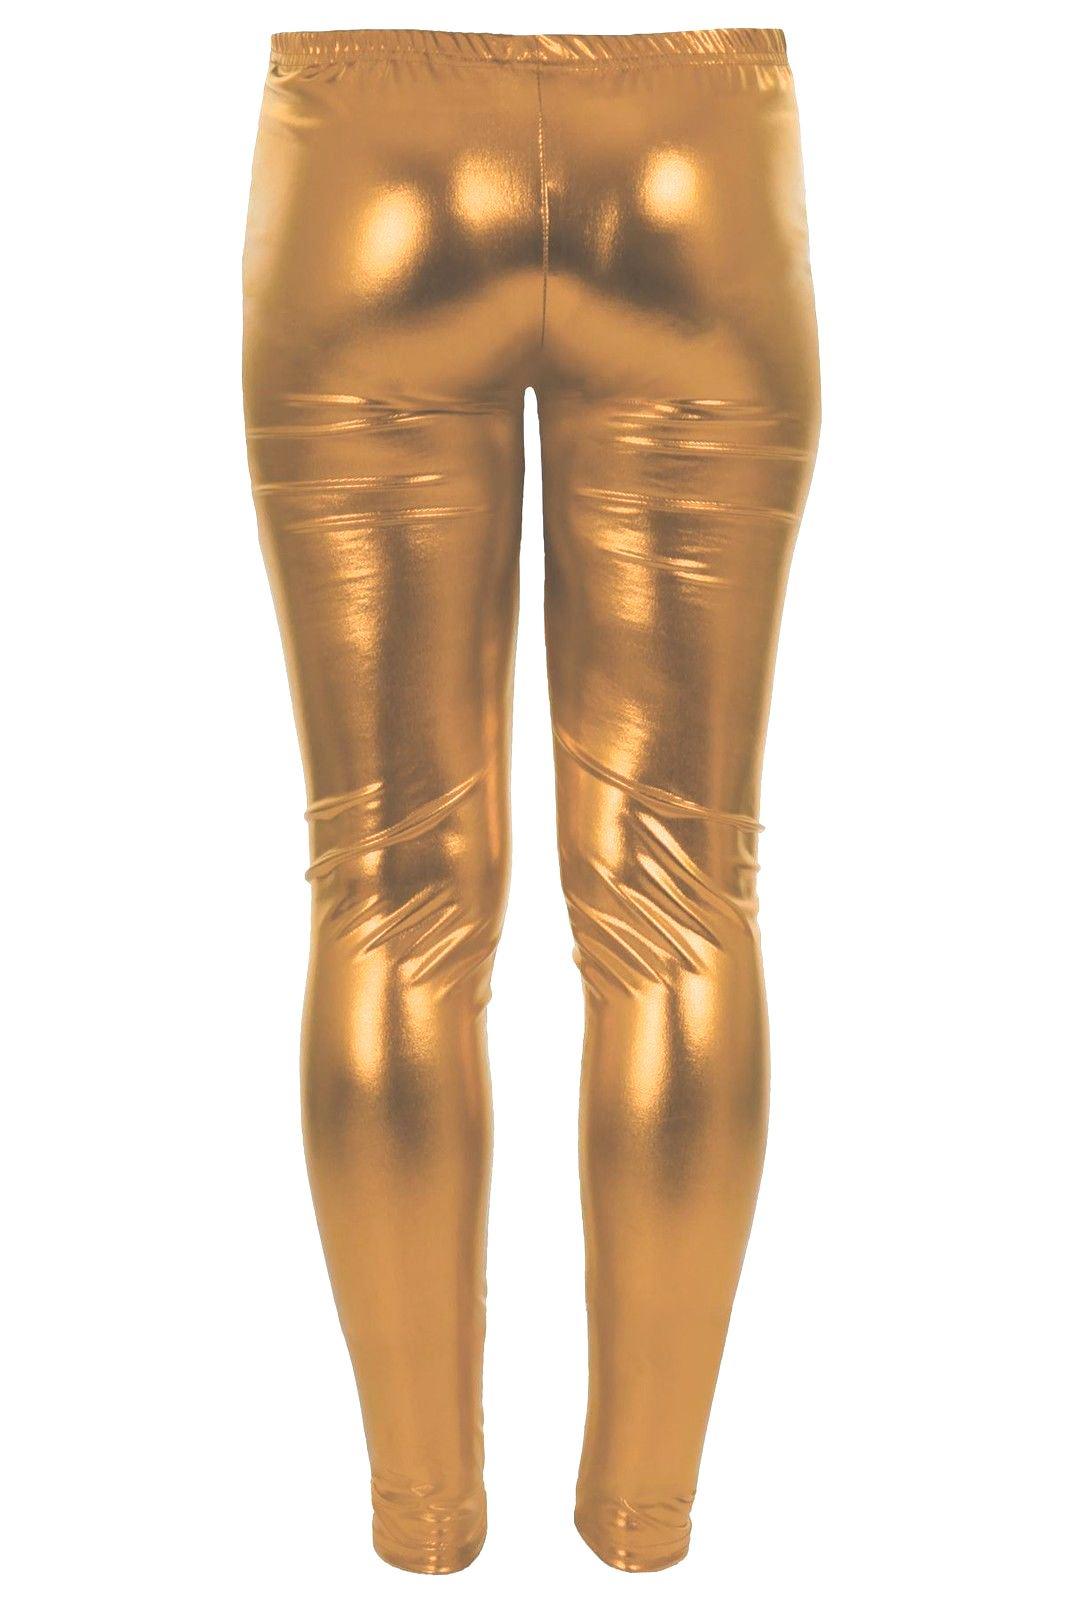 Nuevo-Infantil-Metalica-Aspecto-Charol-Ajustado-Fiesta-Disco-Pantalones-Leggings